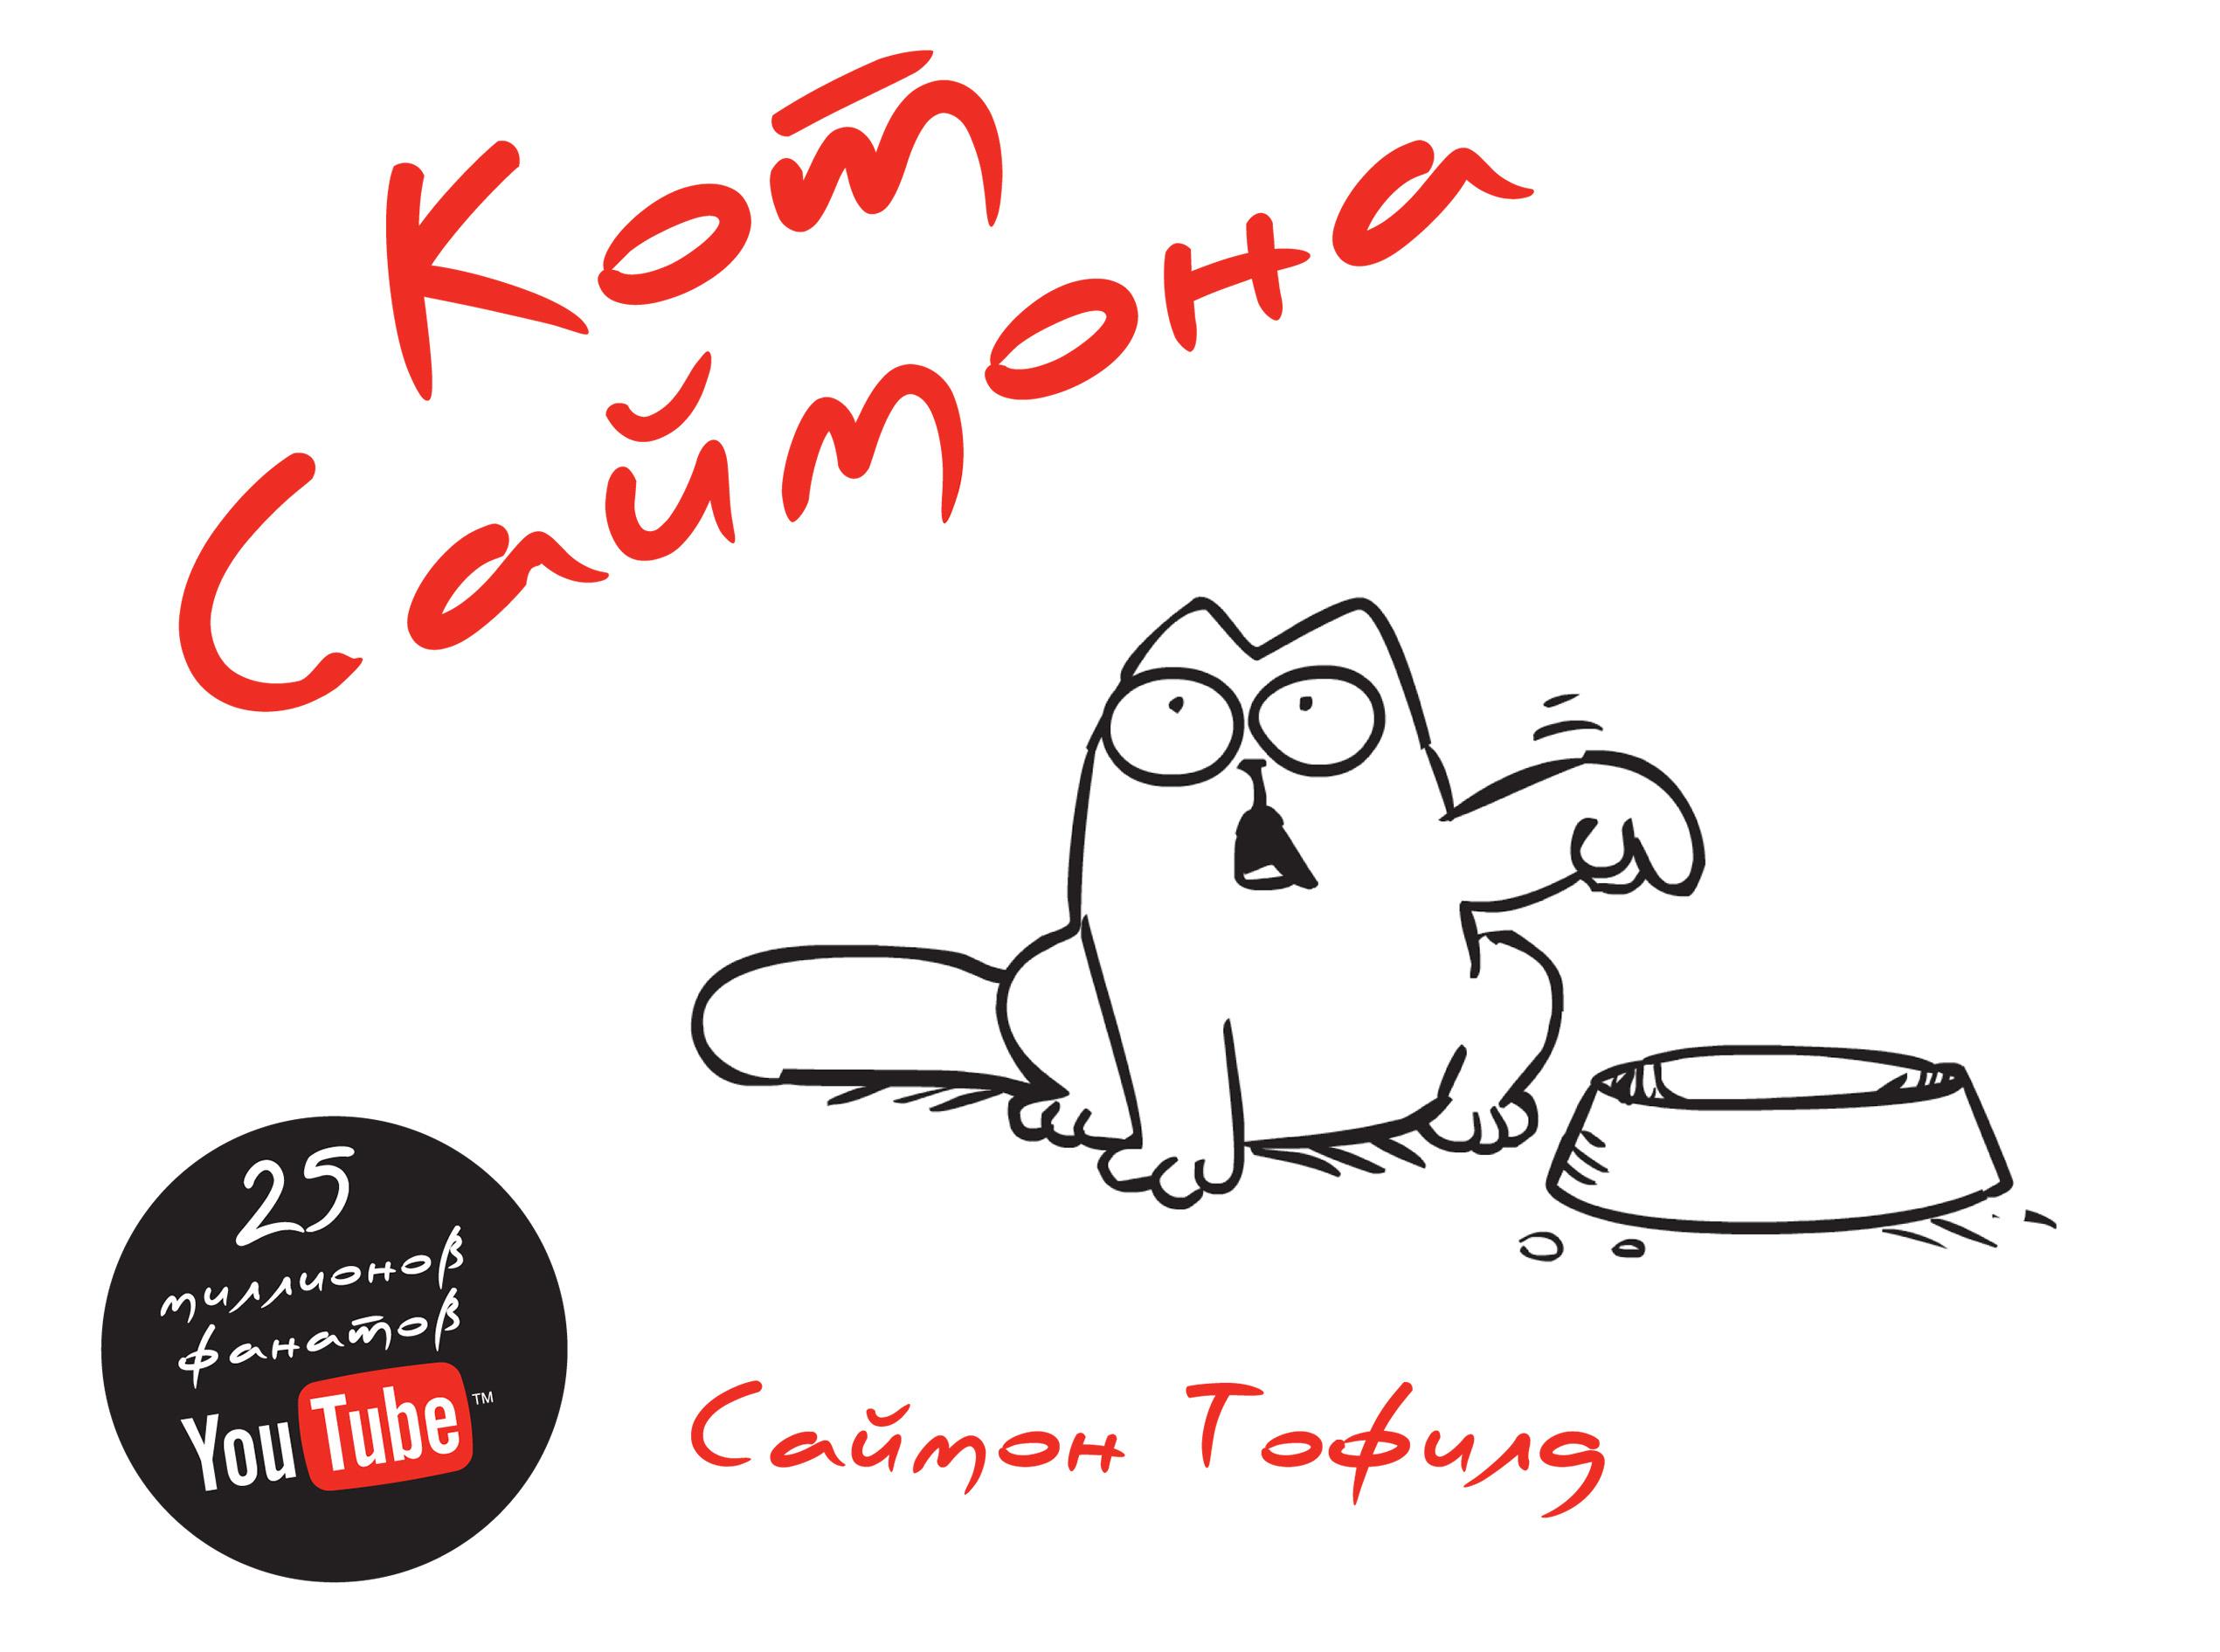 Саймон Тофилд Кот Саймона тофилд с кот саймона раскраска зеленая isbn 978 5 9909493 2 4